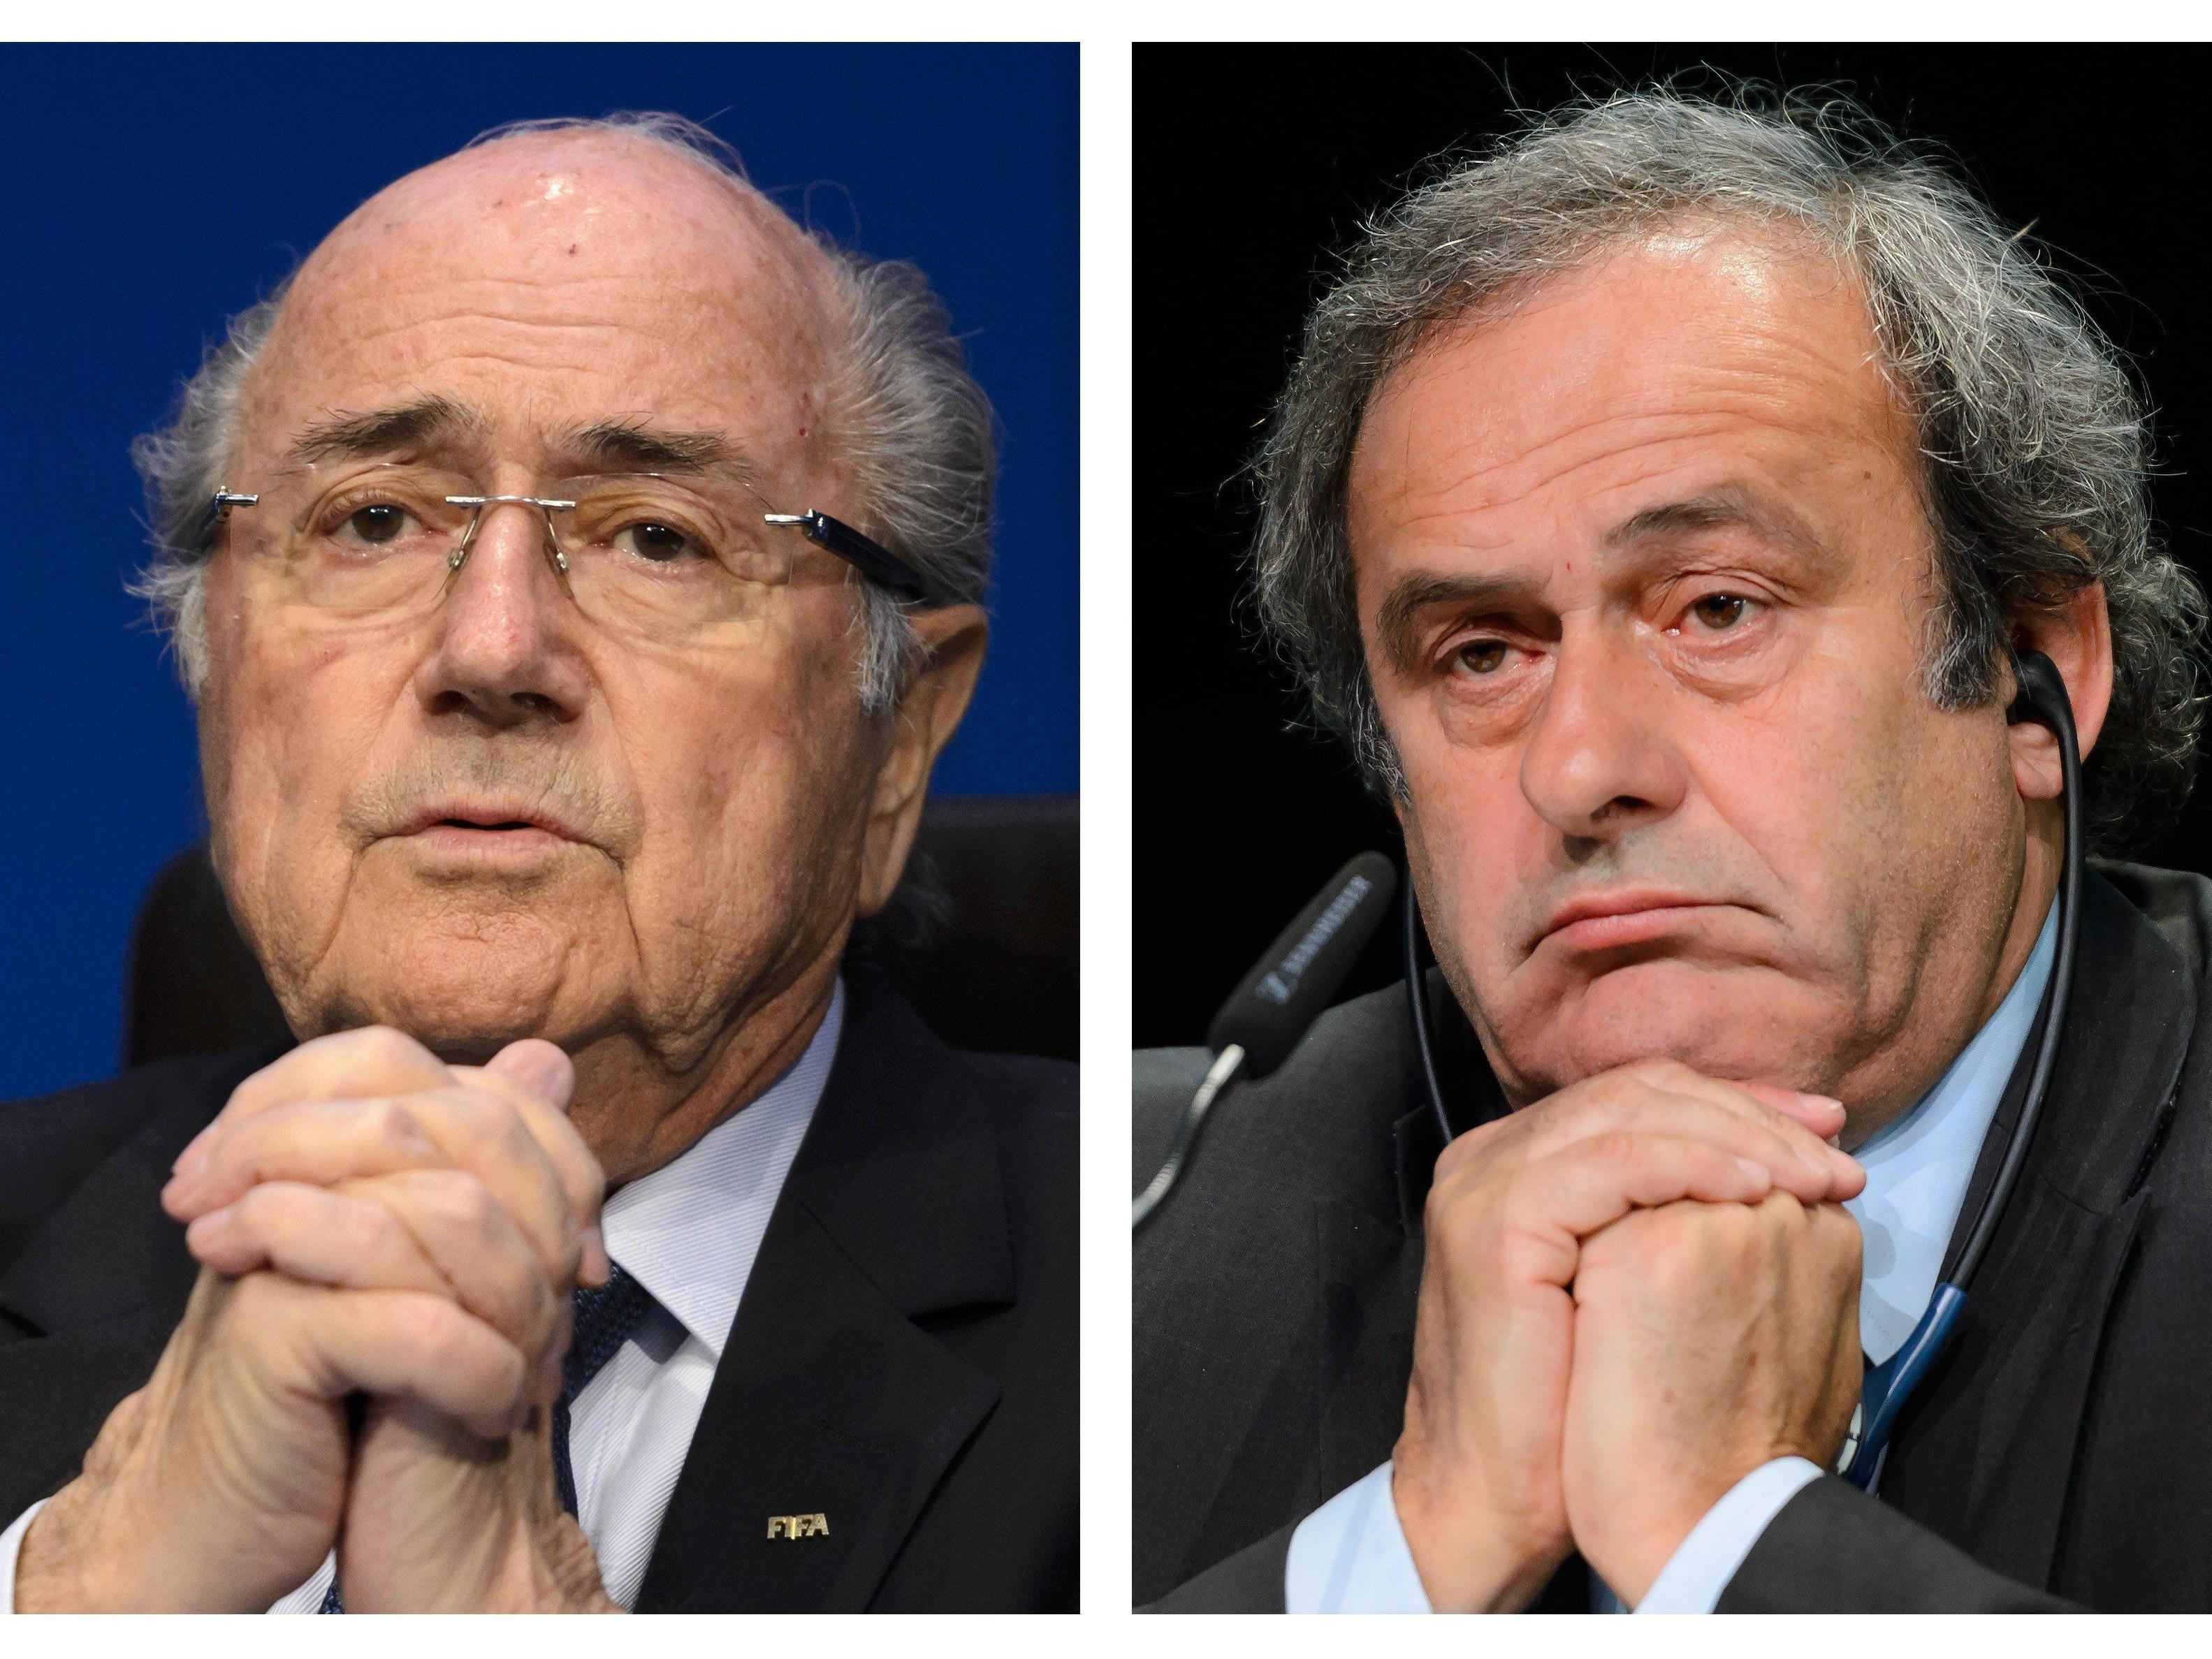 Hammer-Urteil der FIFA-Ethikkommission: Sepp Blatter und Michel Platini fassen acht Jahre Sperre aus.